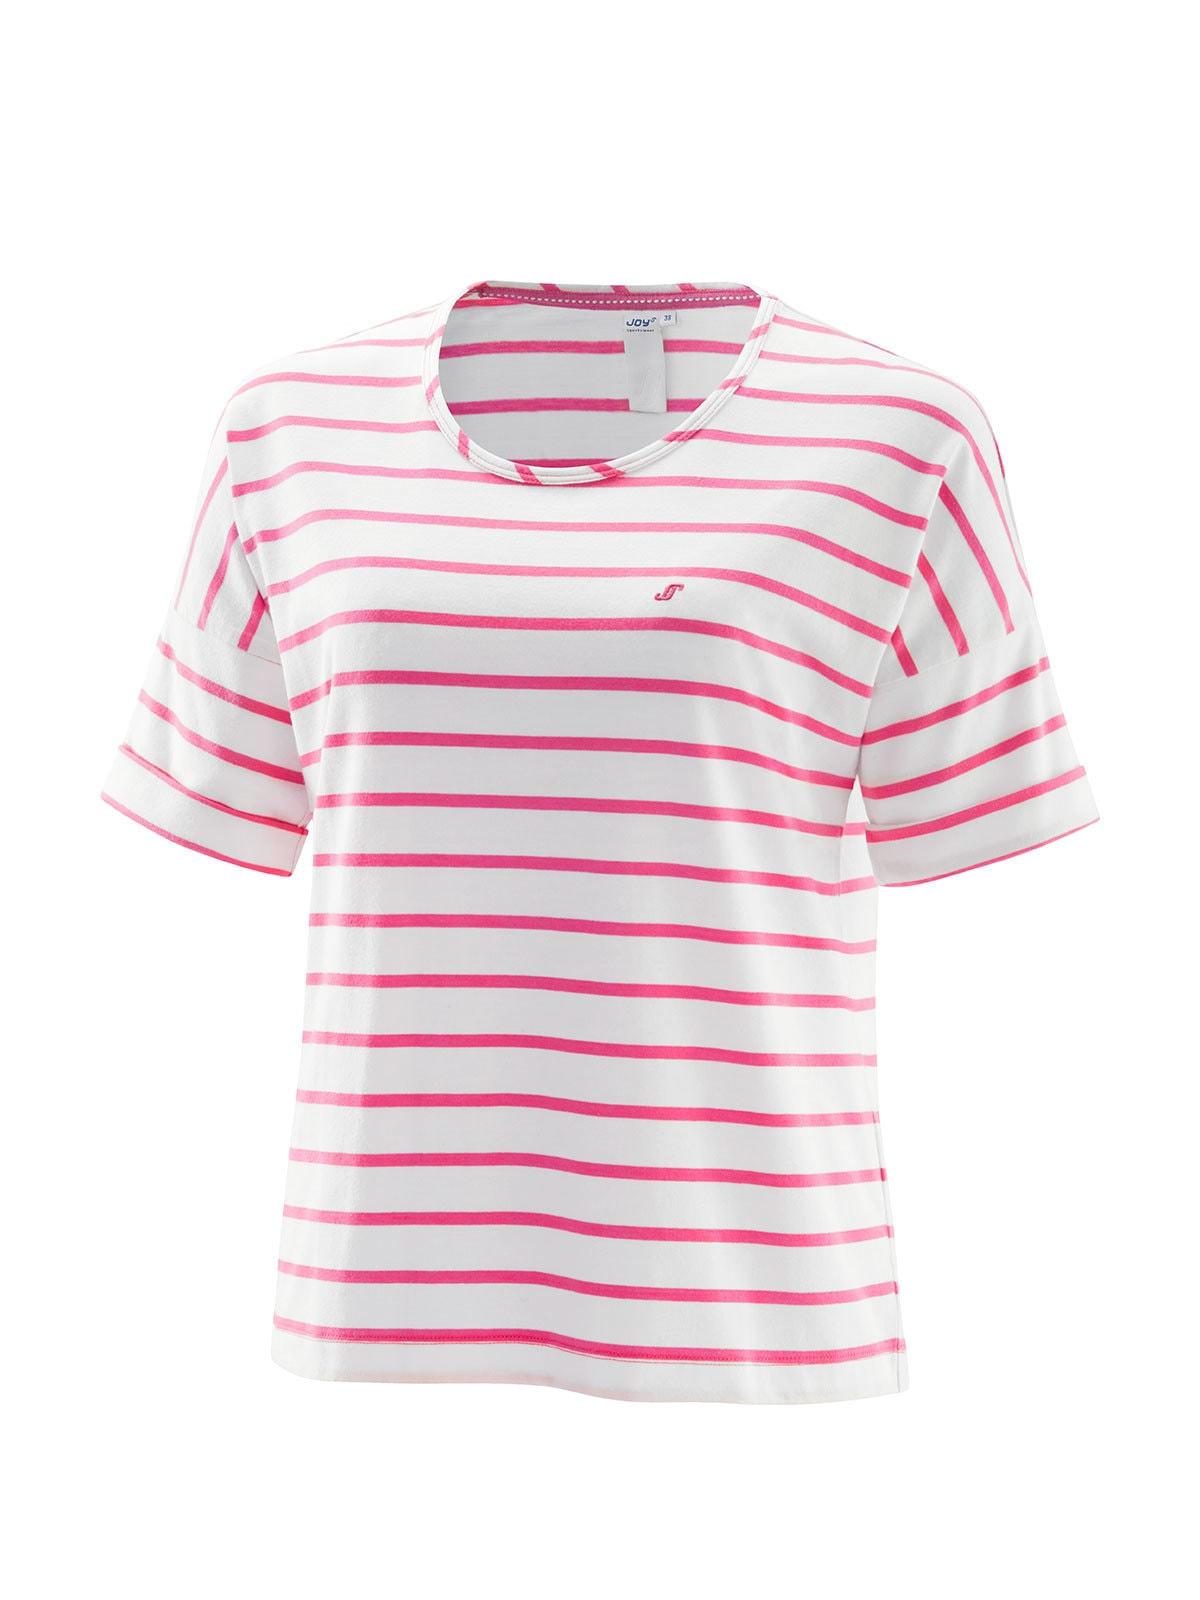 Joy Sportswear Print-Shirt ZOLA | Sportbekleidung > Sportshirts | Rosa | Joy Sportswear